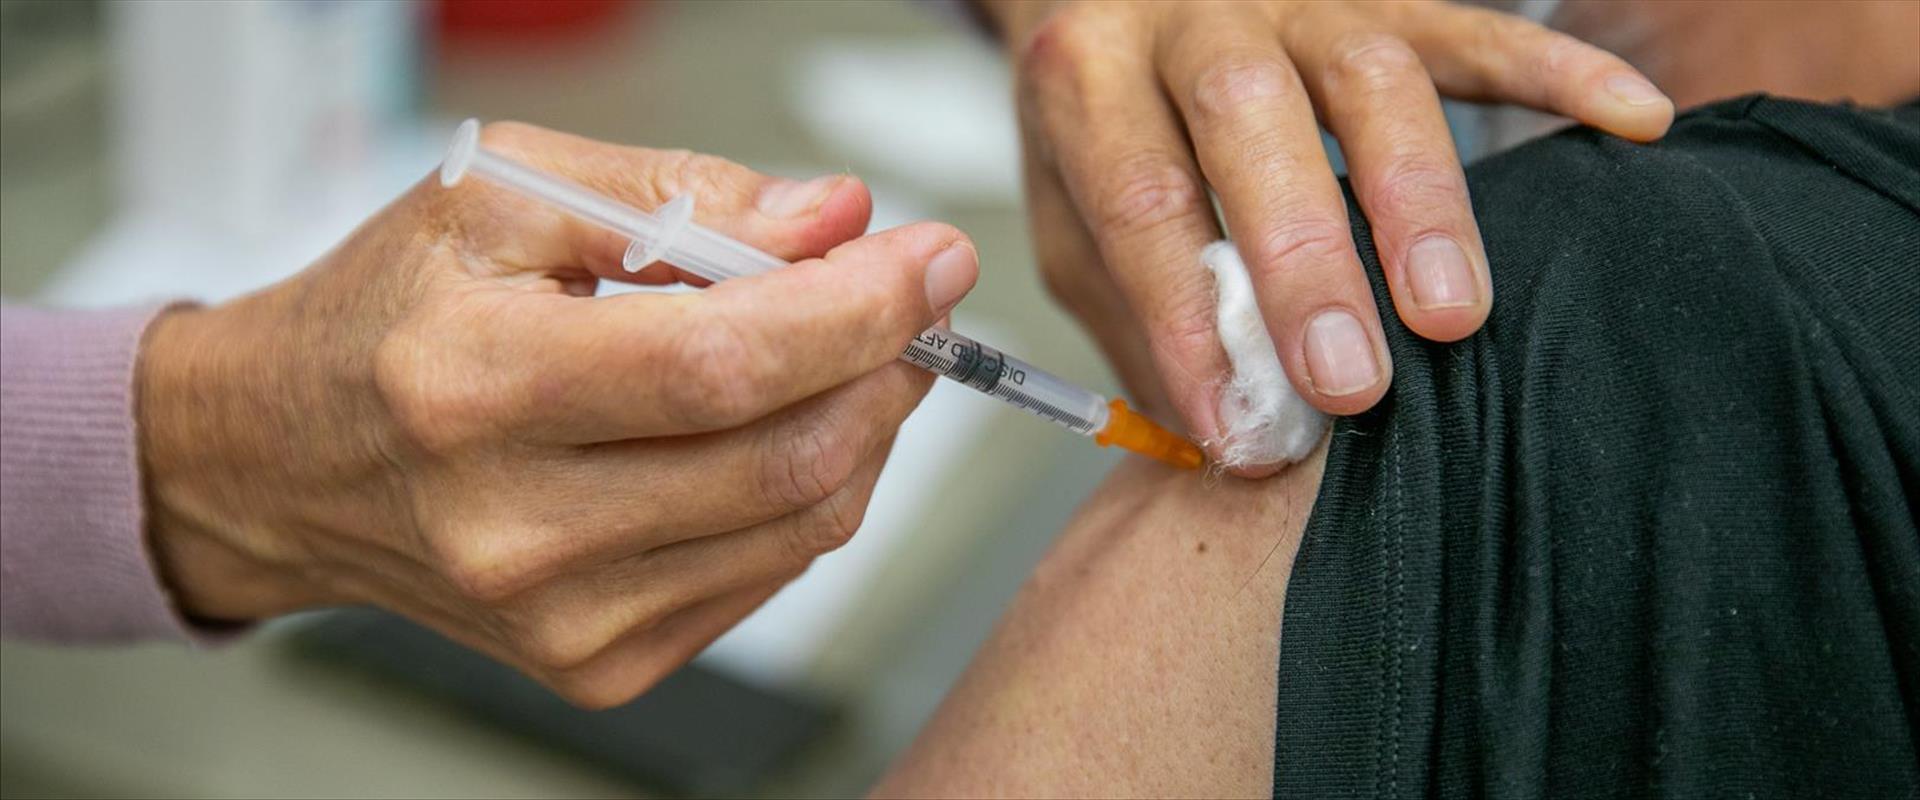 מוקד קבלת חיסונים במודיעין, בשבוע שעבר